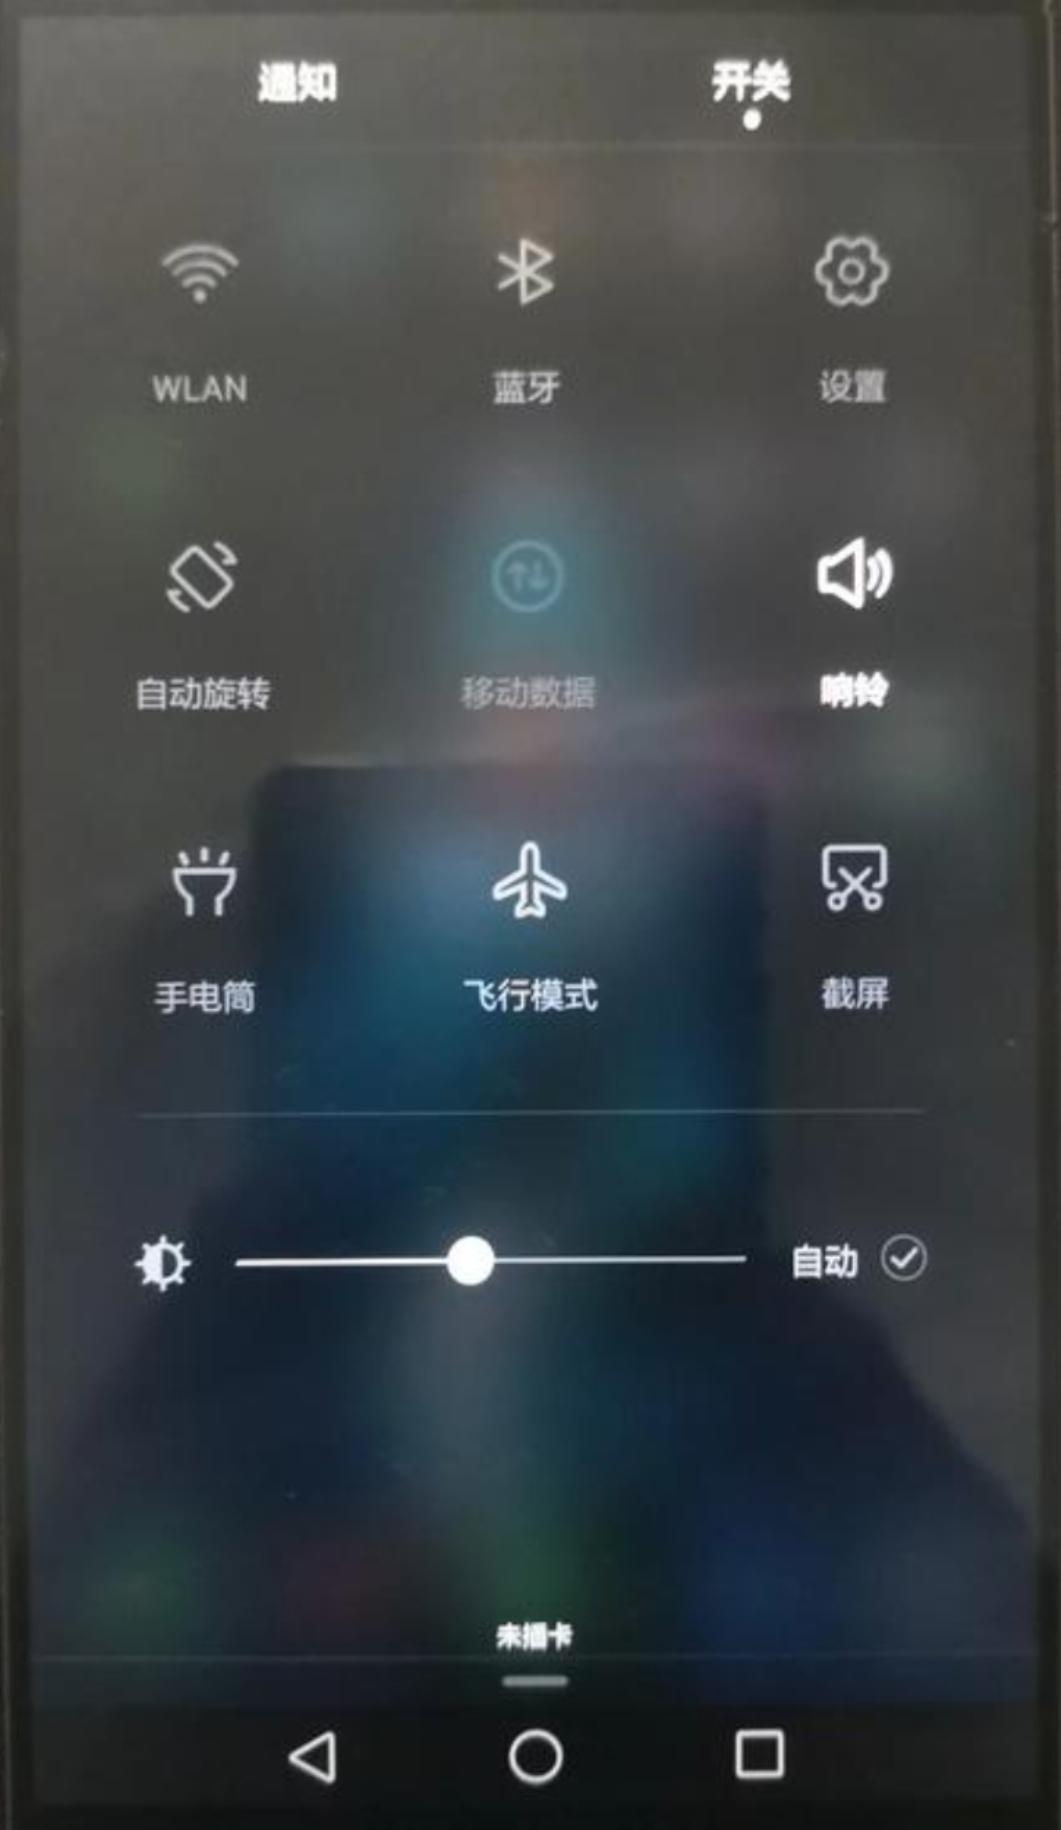 Screenshot_20210725_094423_com.huawei.fans.png